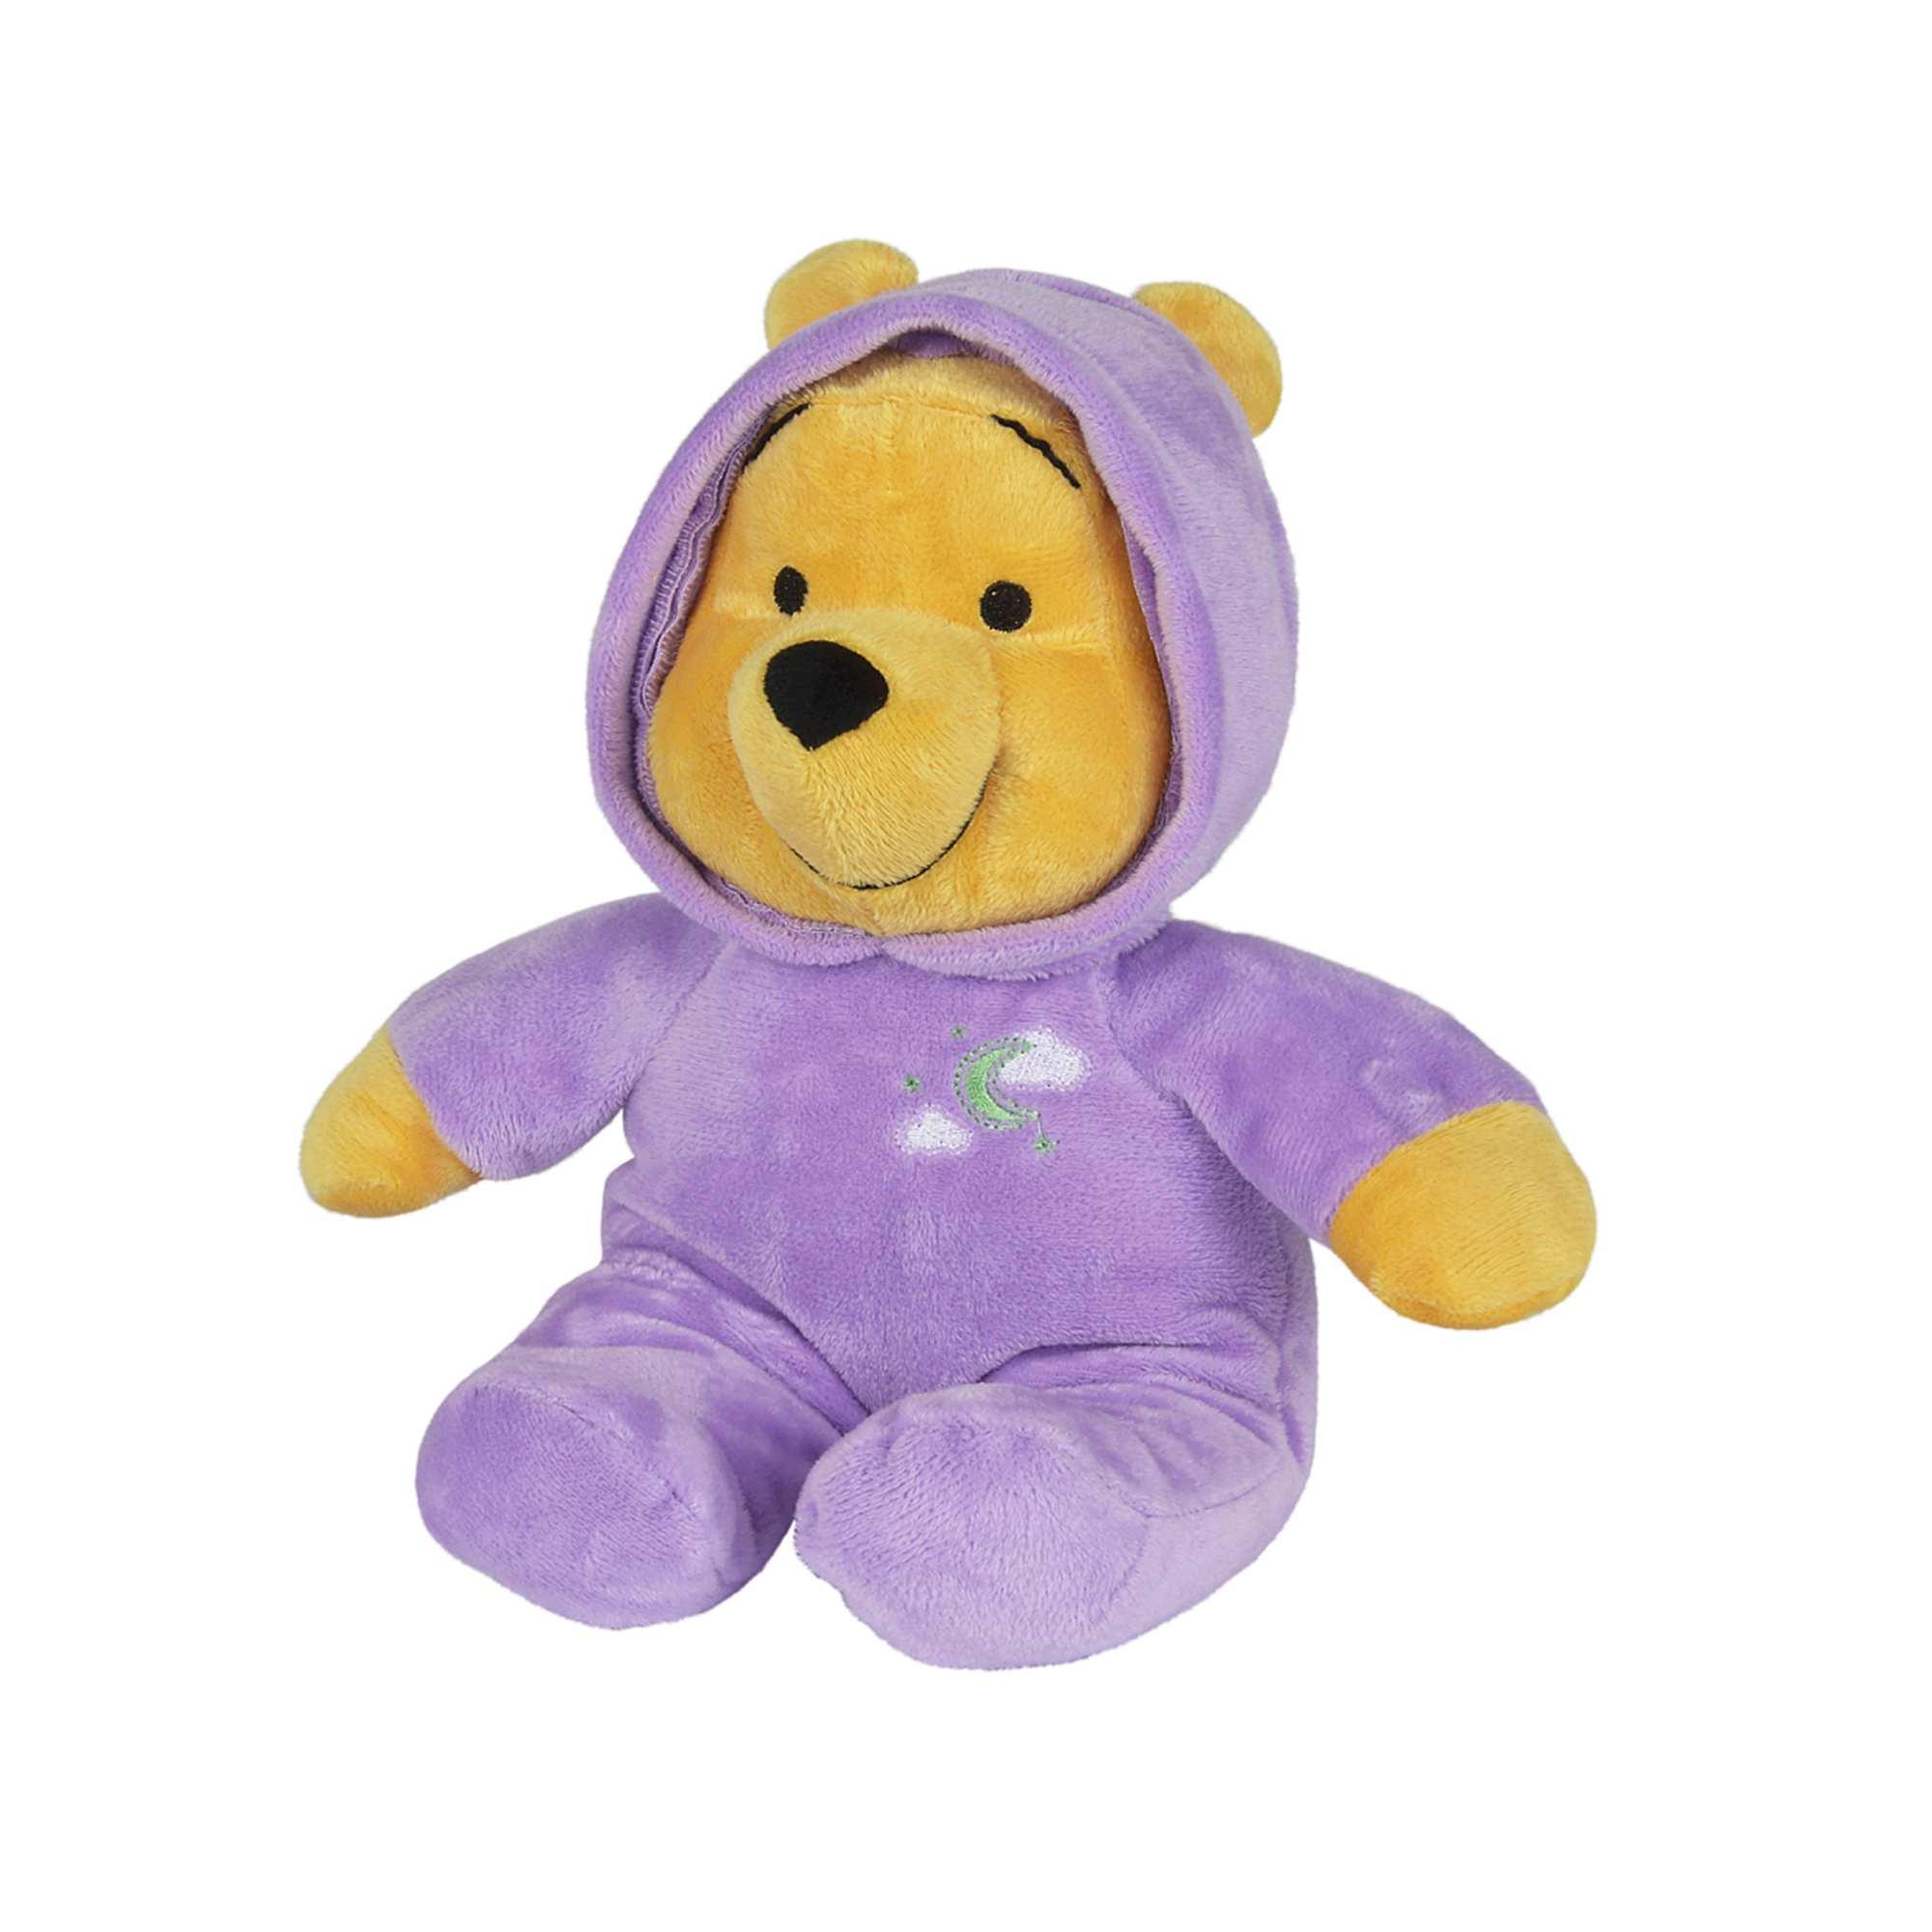 Couleur : violet, , ,, - Taille : TU, , ,,'Winnie' éclaire ses nuits ! - Peluche 'Winnie l'ourson' de 'Disney baby' - S'allume